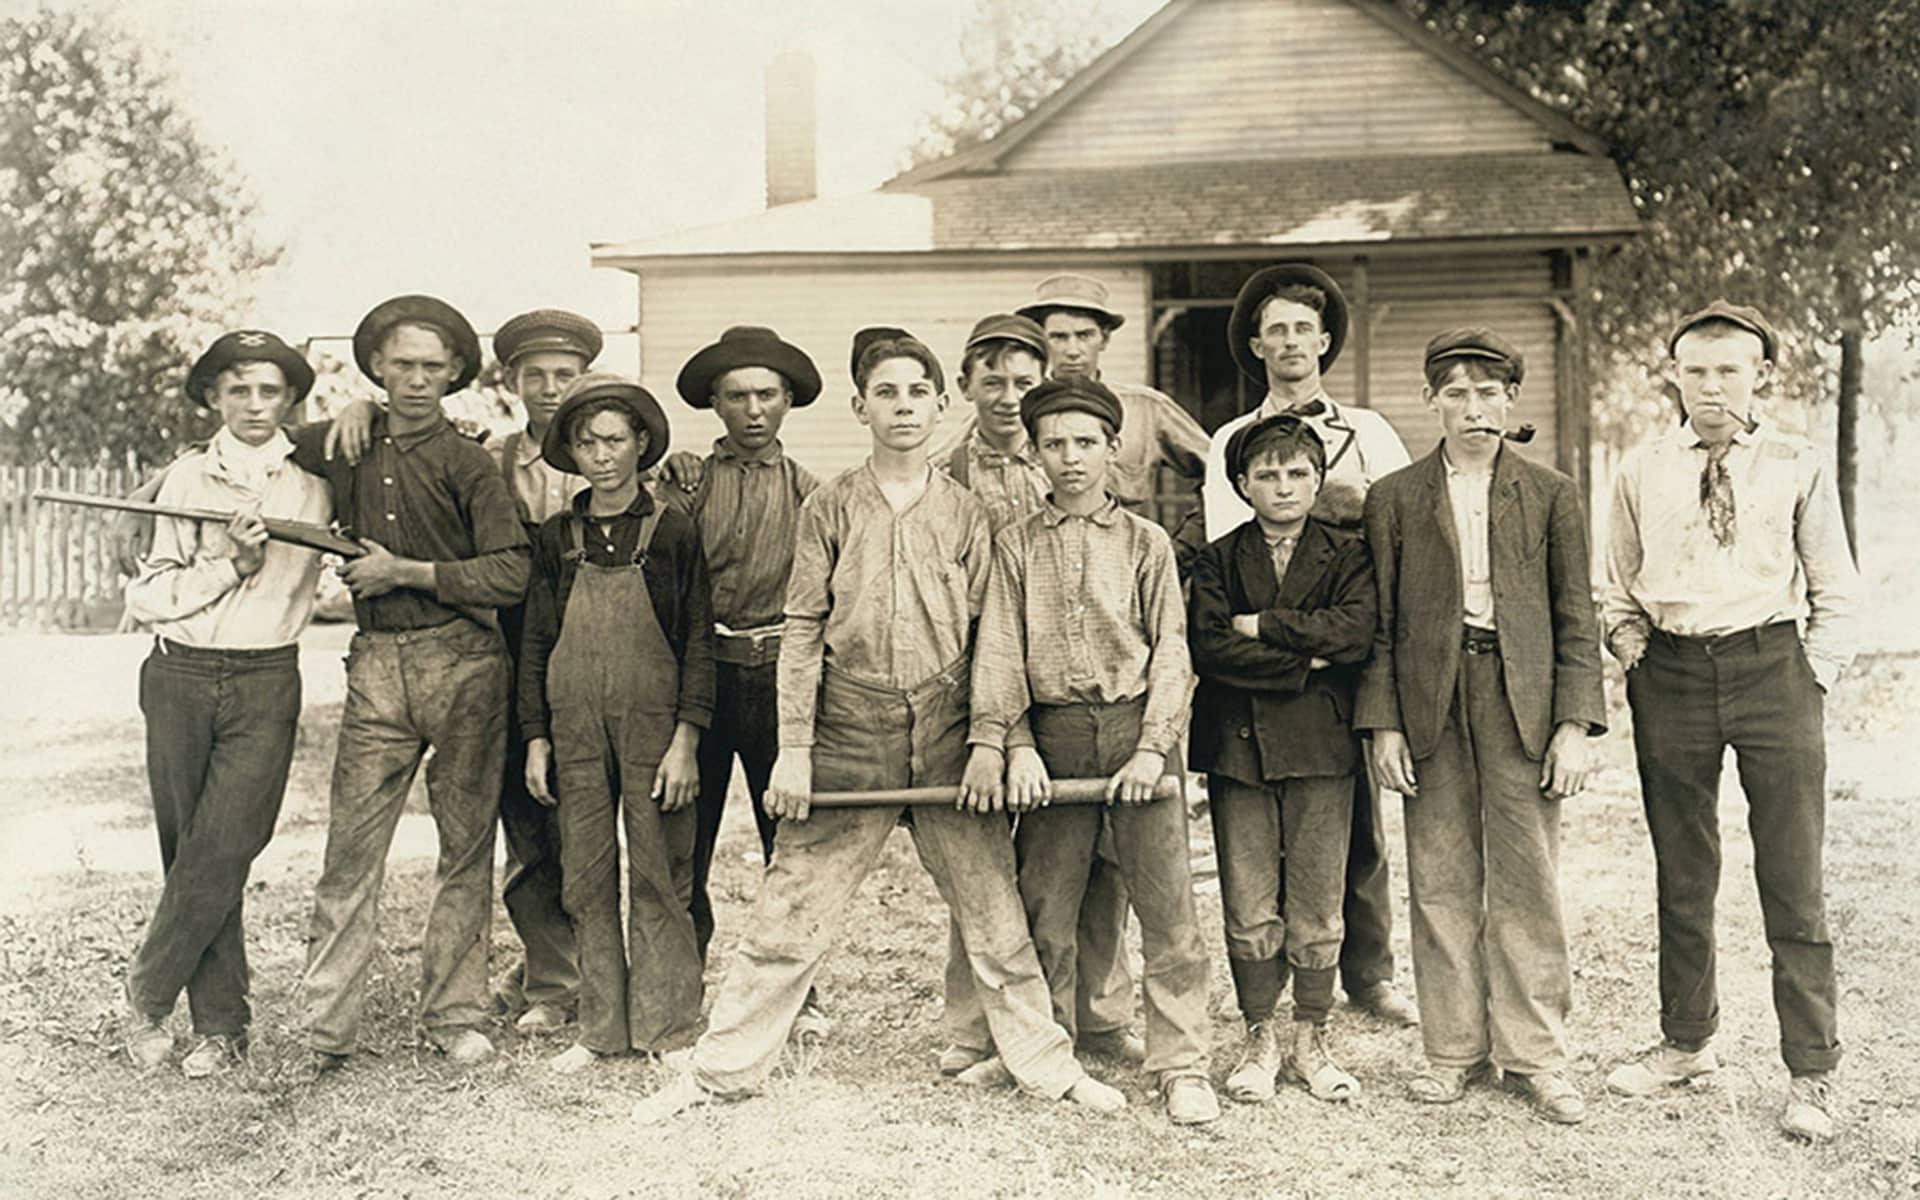 Jugendliche aus 1900